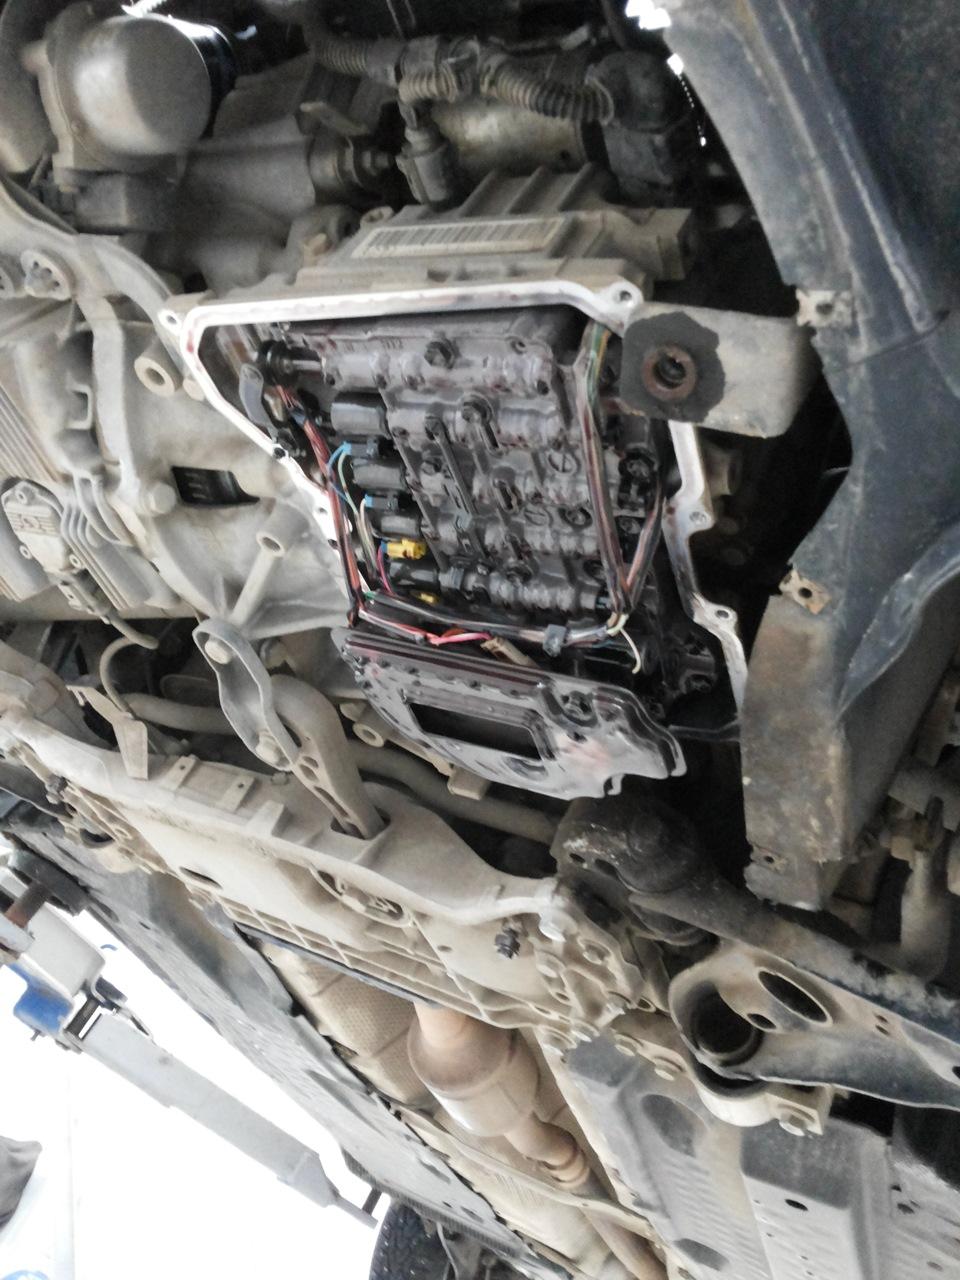 Замена масла в двигателе шкода октавия а5 16 mpi своими руками 37